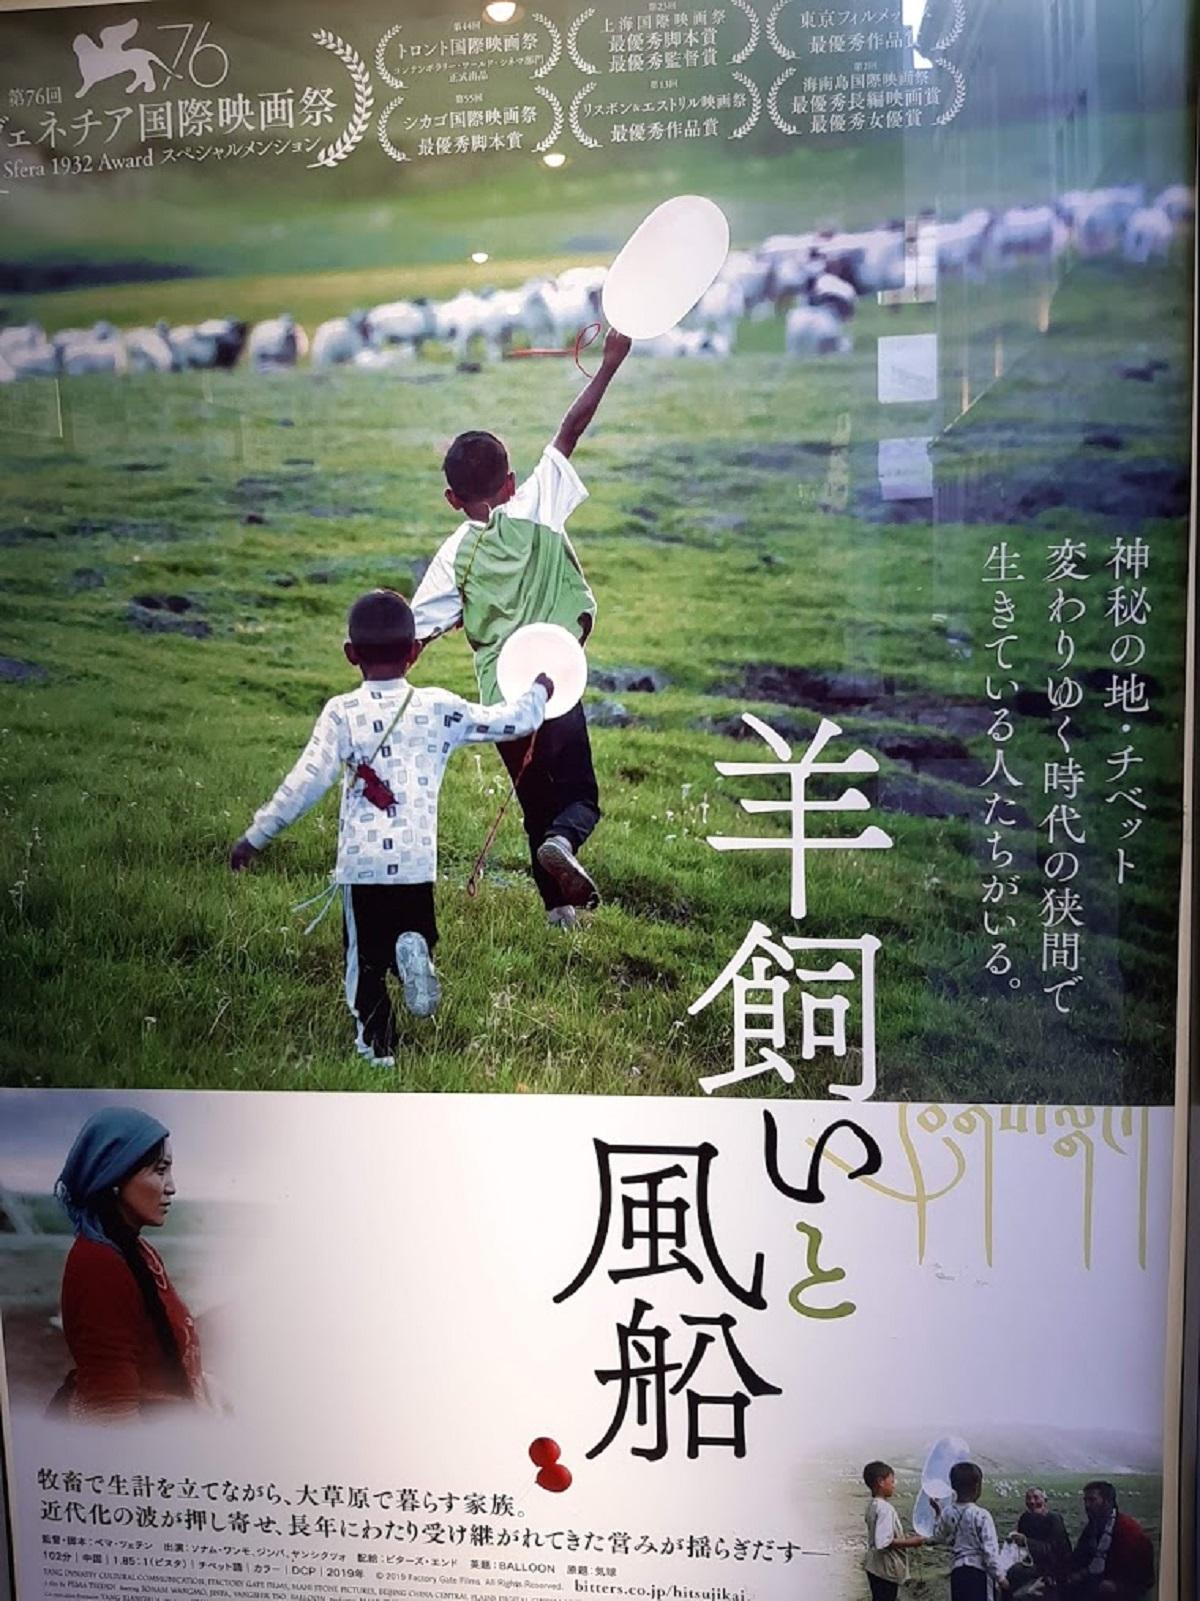 映画『羊飼いと風船』のポスター